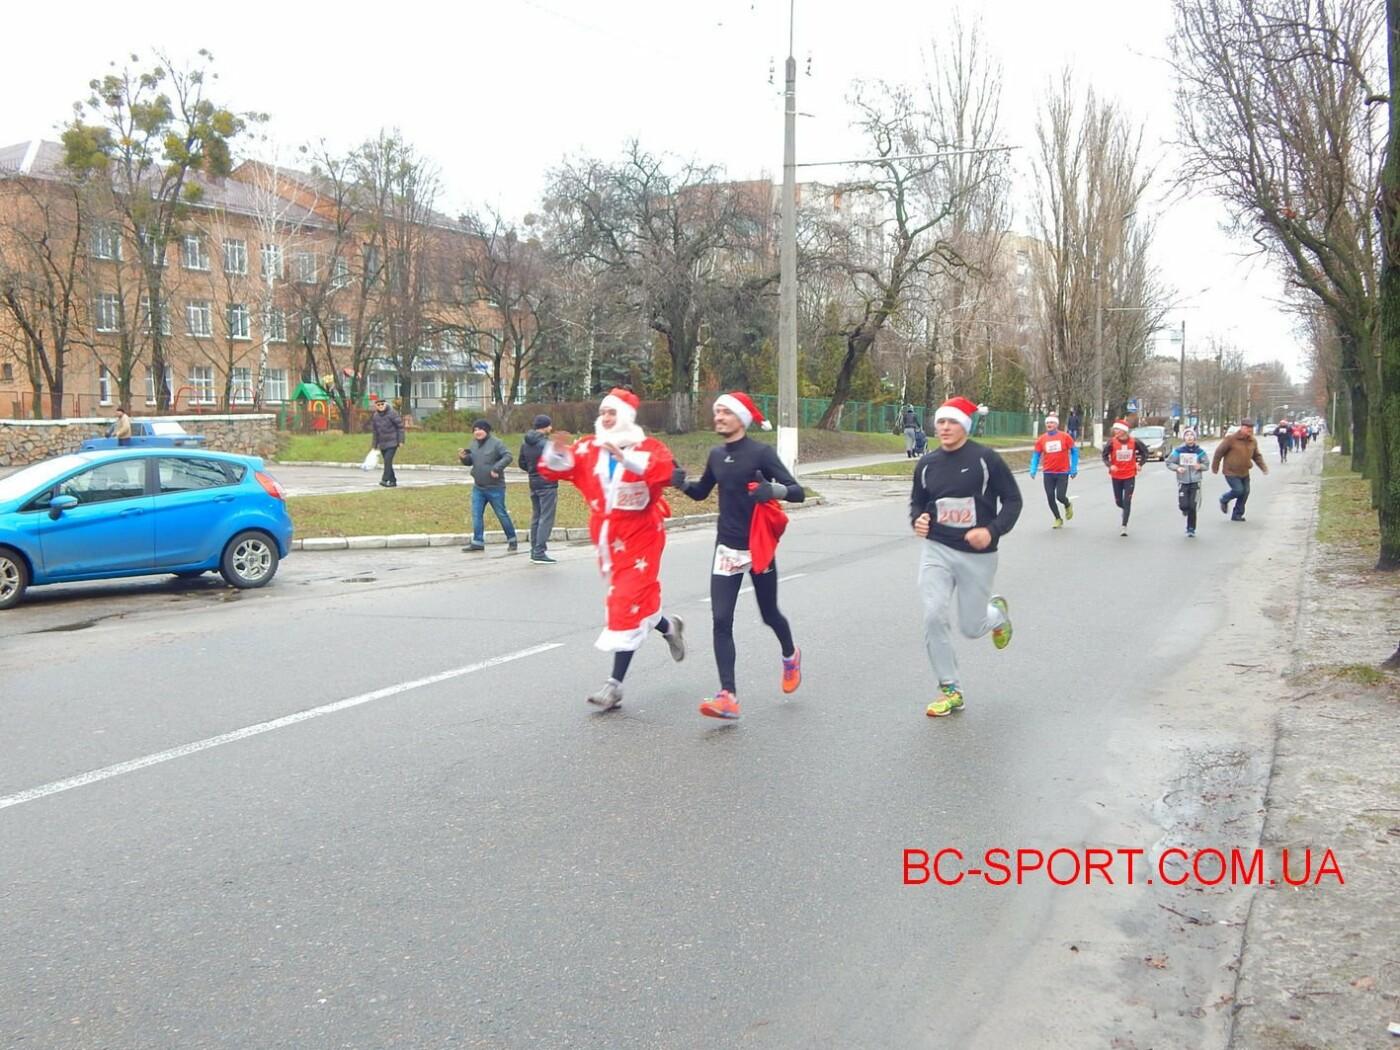 Близько 150 білоцерківців взяли участь у всесвітньо відомому Санта-марафоні